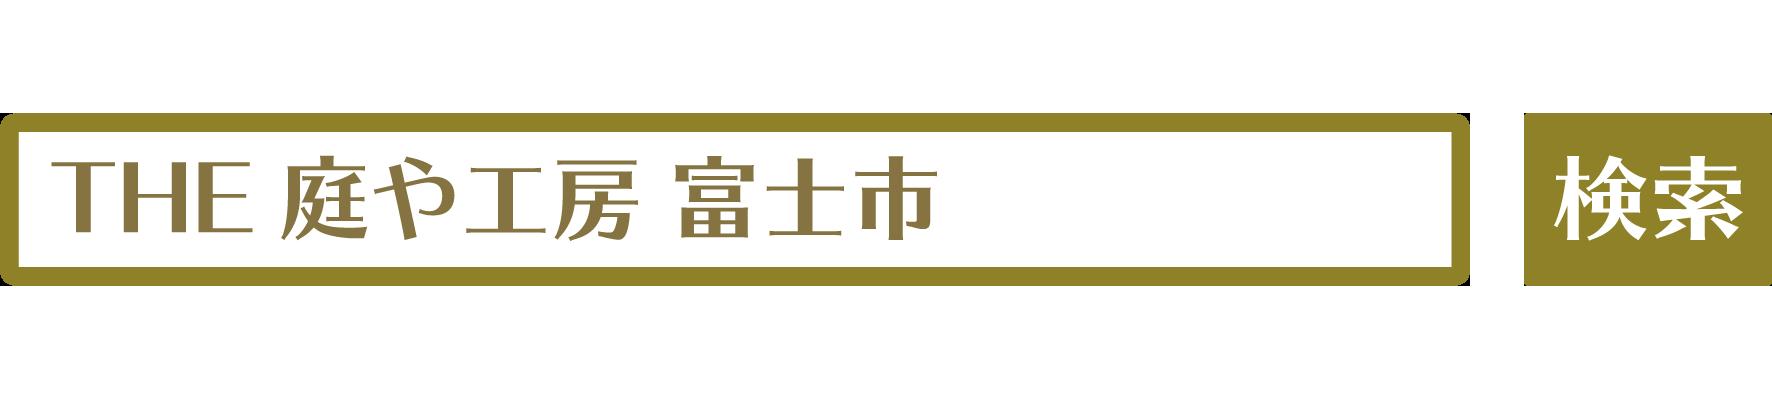 kensaku400px